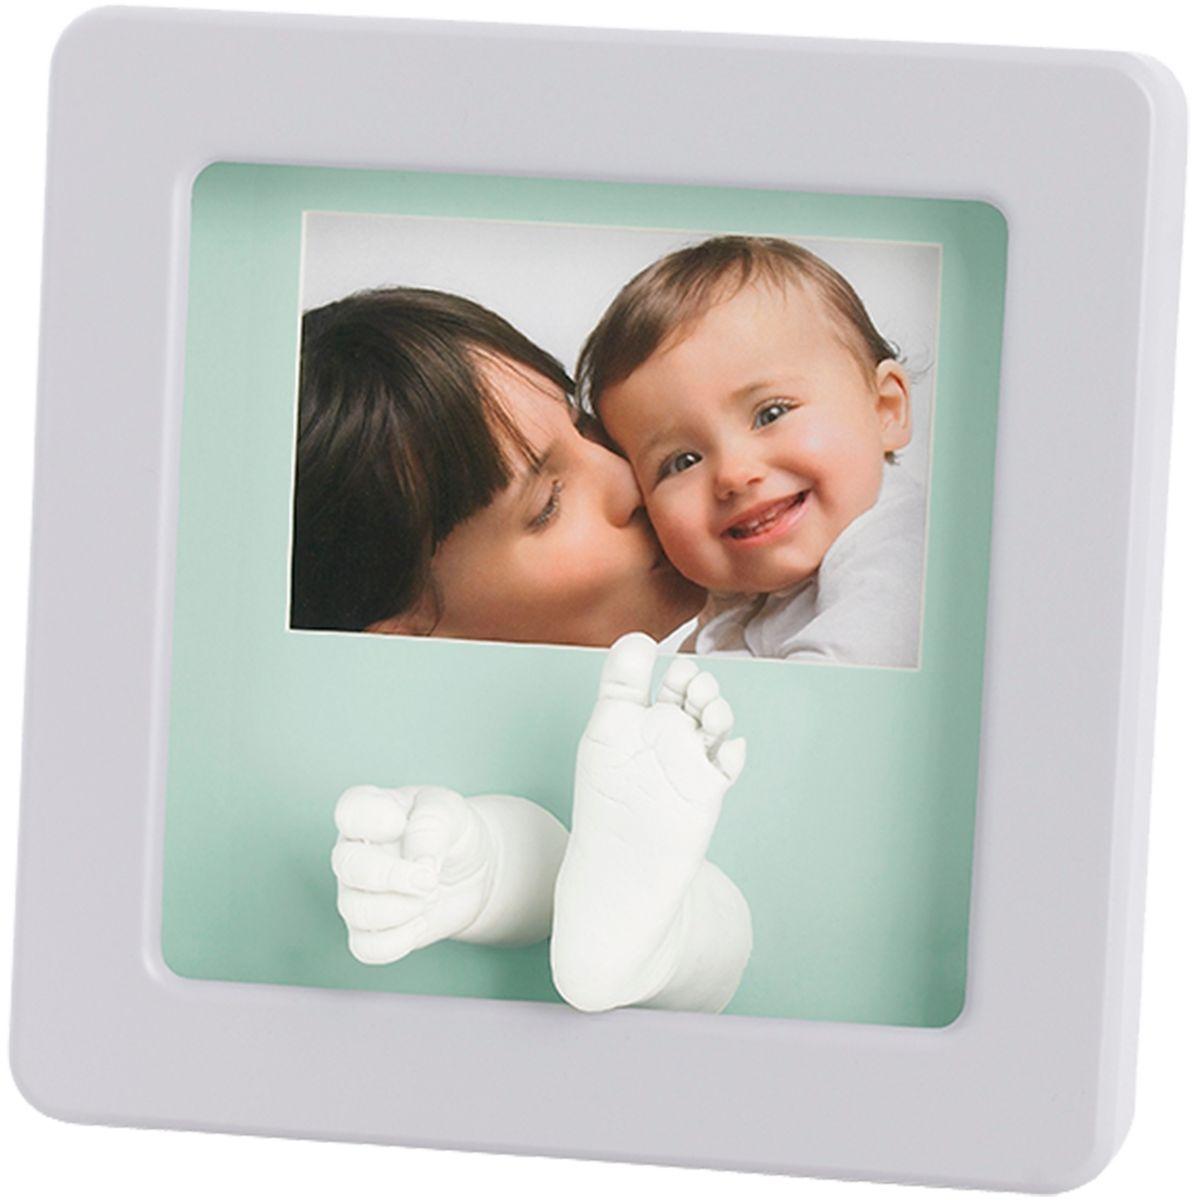 Baby Art Рамка для оттисков Кит Делюкс74-0120Рамочка с отпечатком от компании Baby Art - это особый подход к созданию очаровательного подарка на память для этого особого периода жизни, с фотографией и обоими отпечатками ручки и ножки вашего ребенка.- Быстро и легко сделать отпечаток: не надо запекать, нет необходимости в дополнительных материалах, все уже включено в набор! - Можно делать несколько проб до сушки. - Очень быстро: создание идеального слепка всего за 2 минуты (не включая процесс сушки).